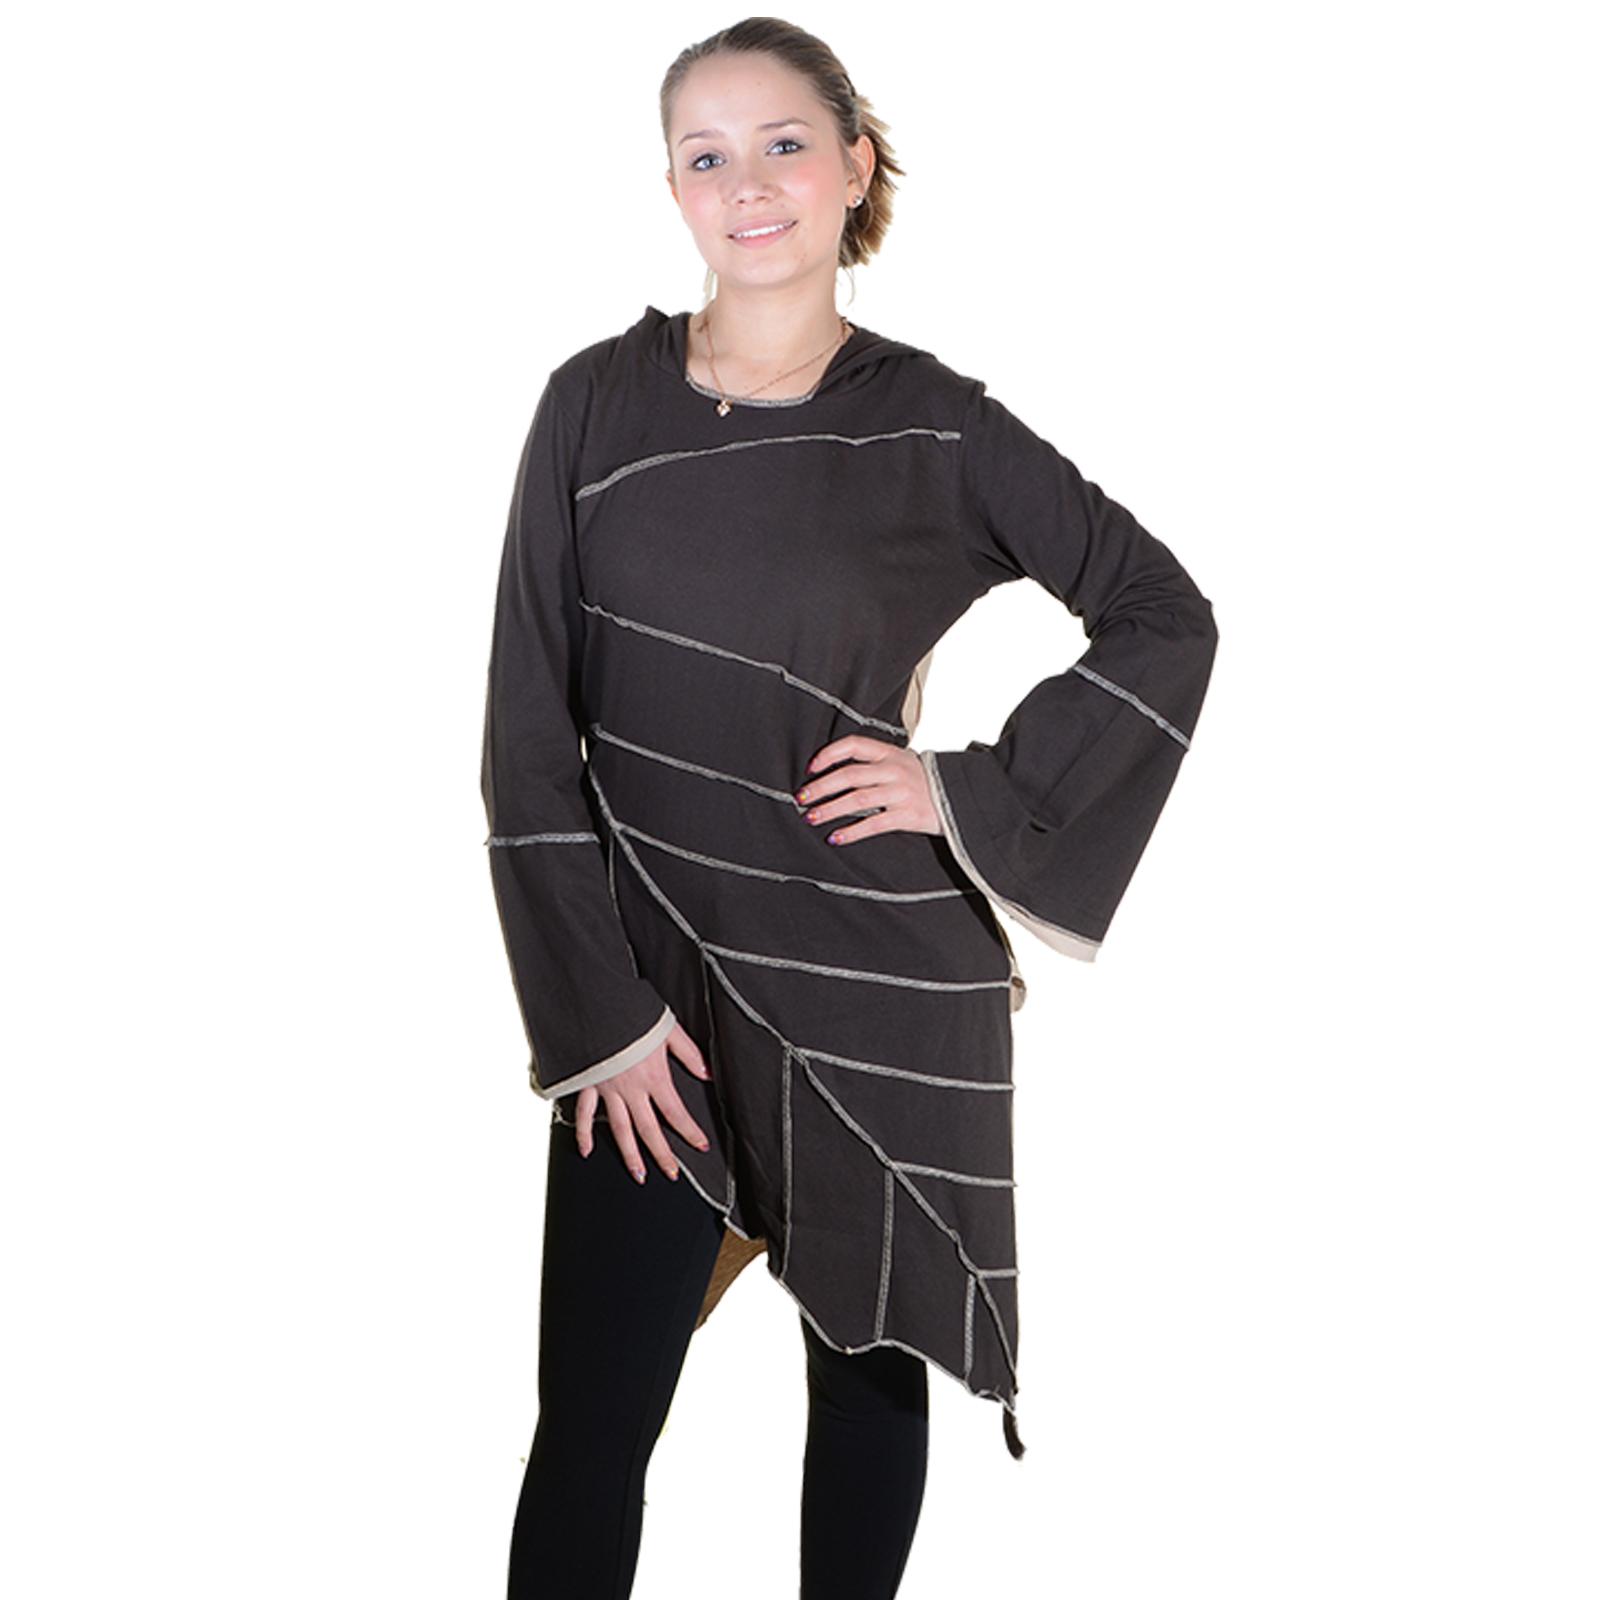 kunst und magie zipfeliges kleid in blattform mit zipfelkapuze fairy goa  pixie